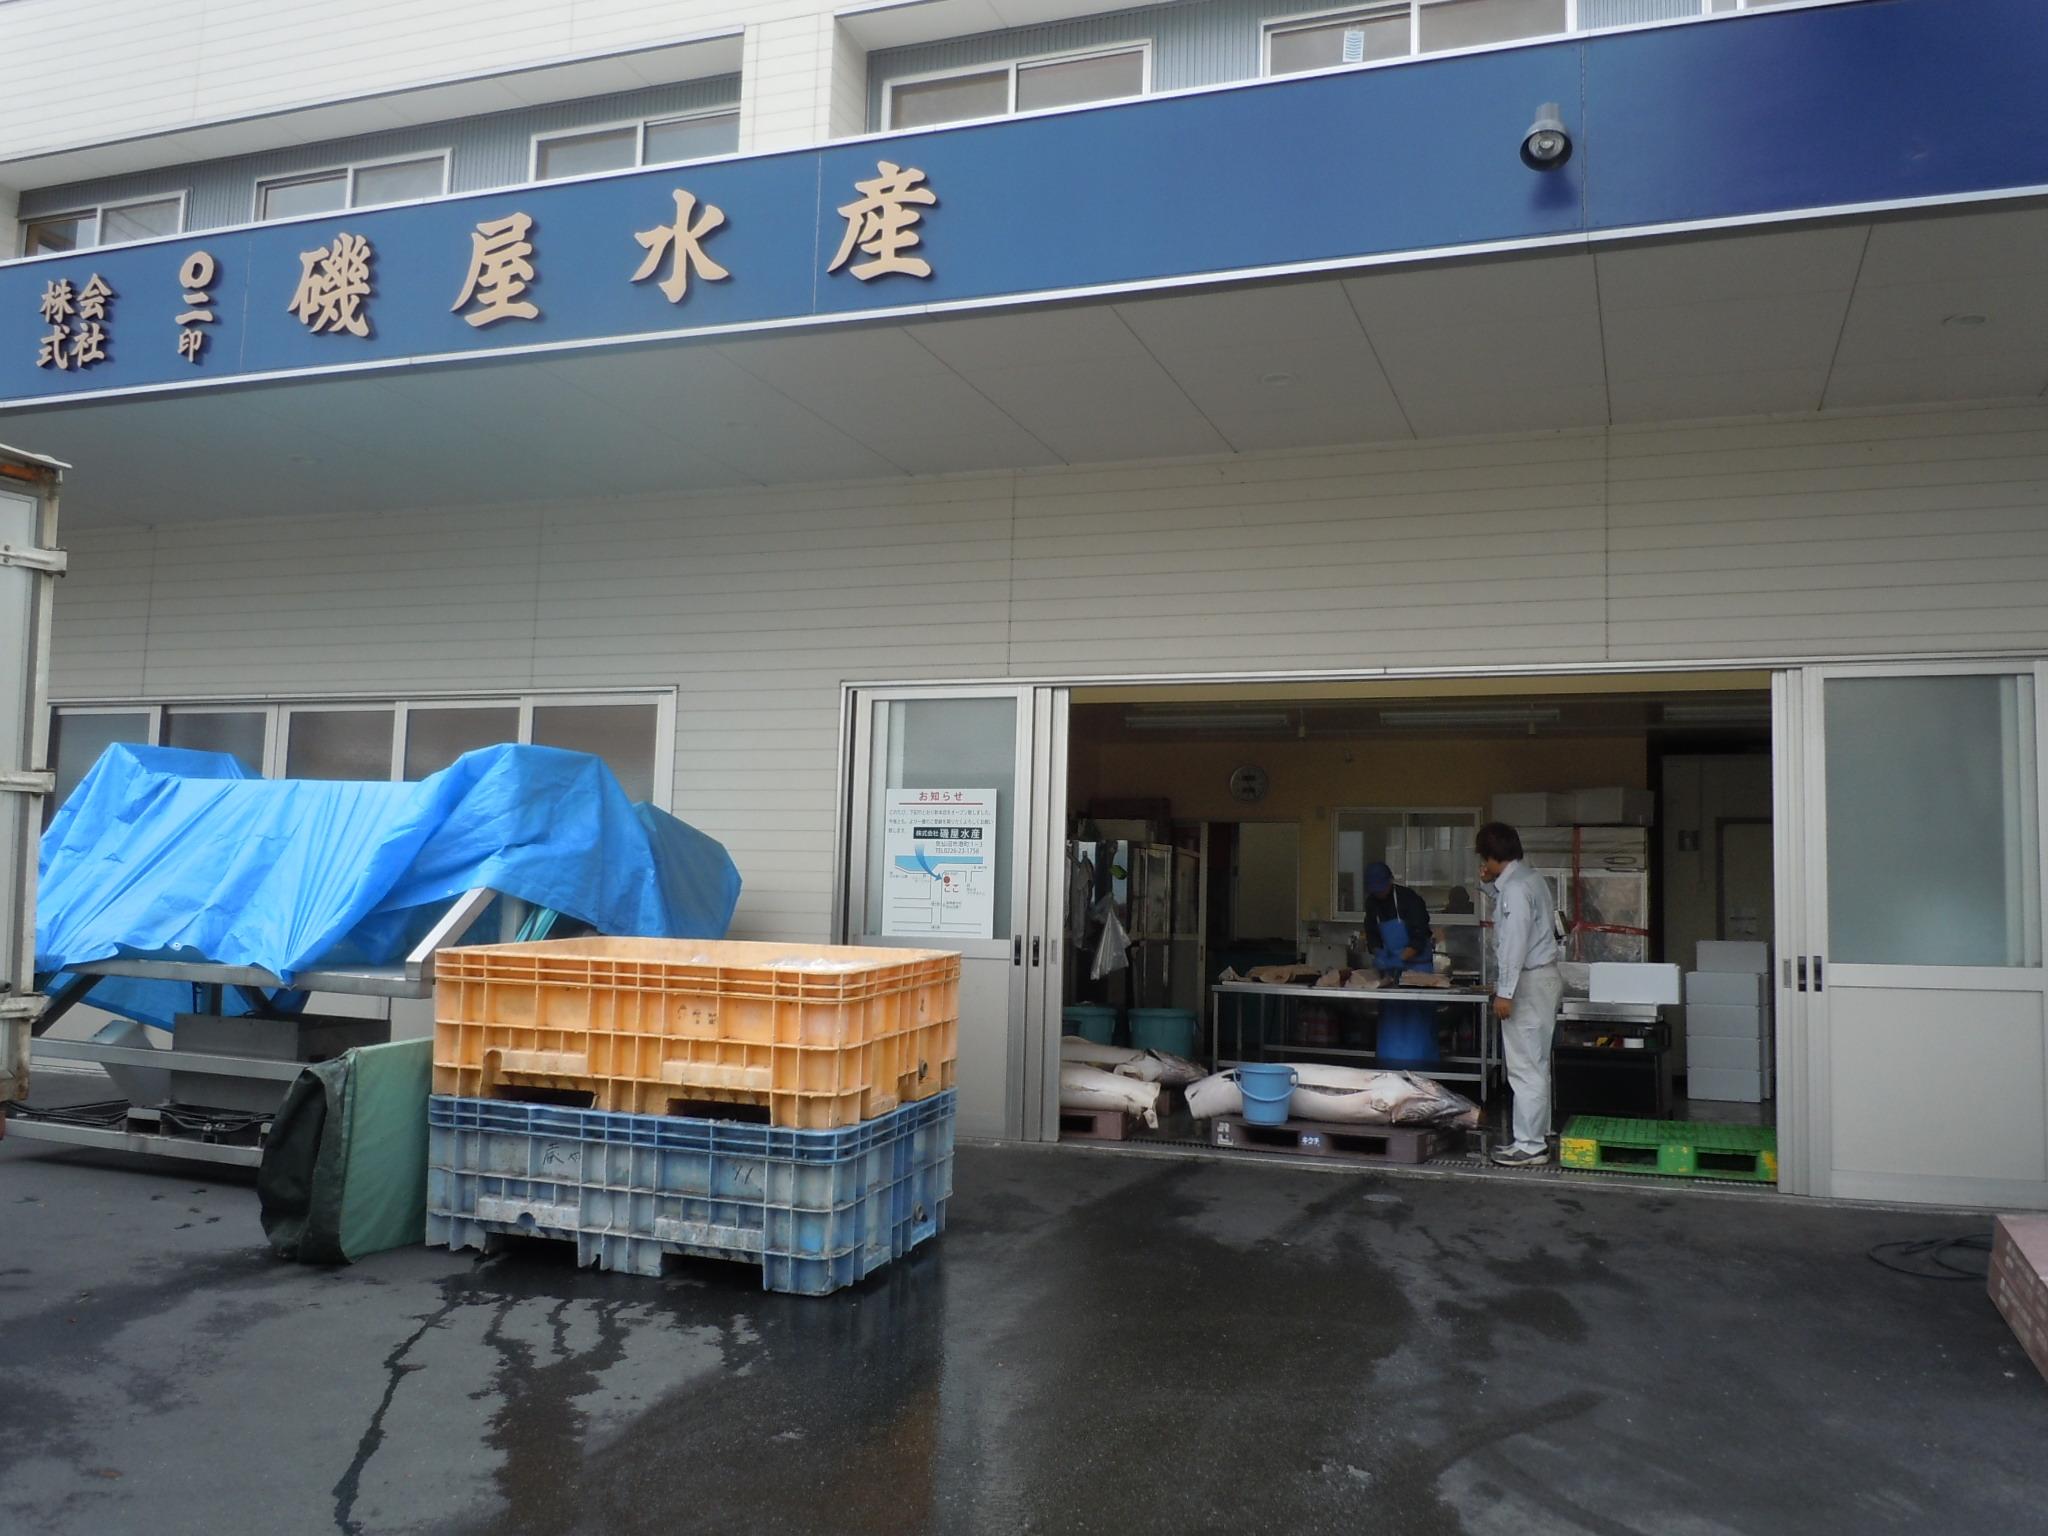 株式会社 磯谷水産(宮城県気仙沼市)